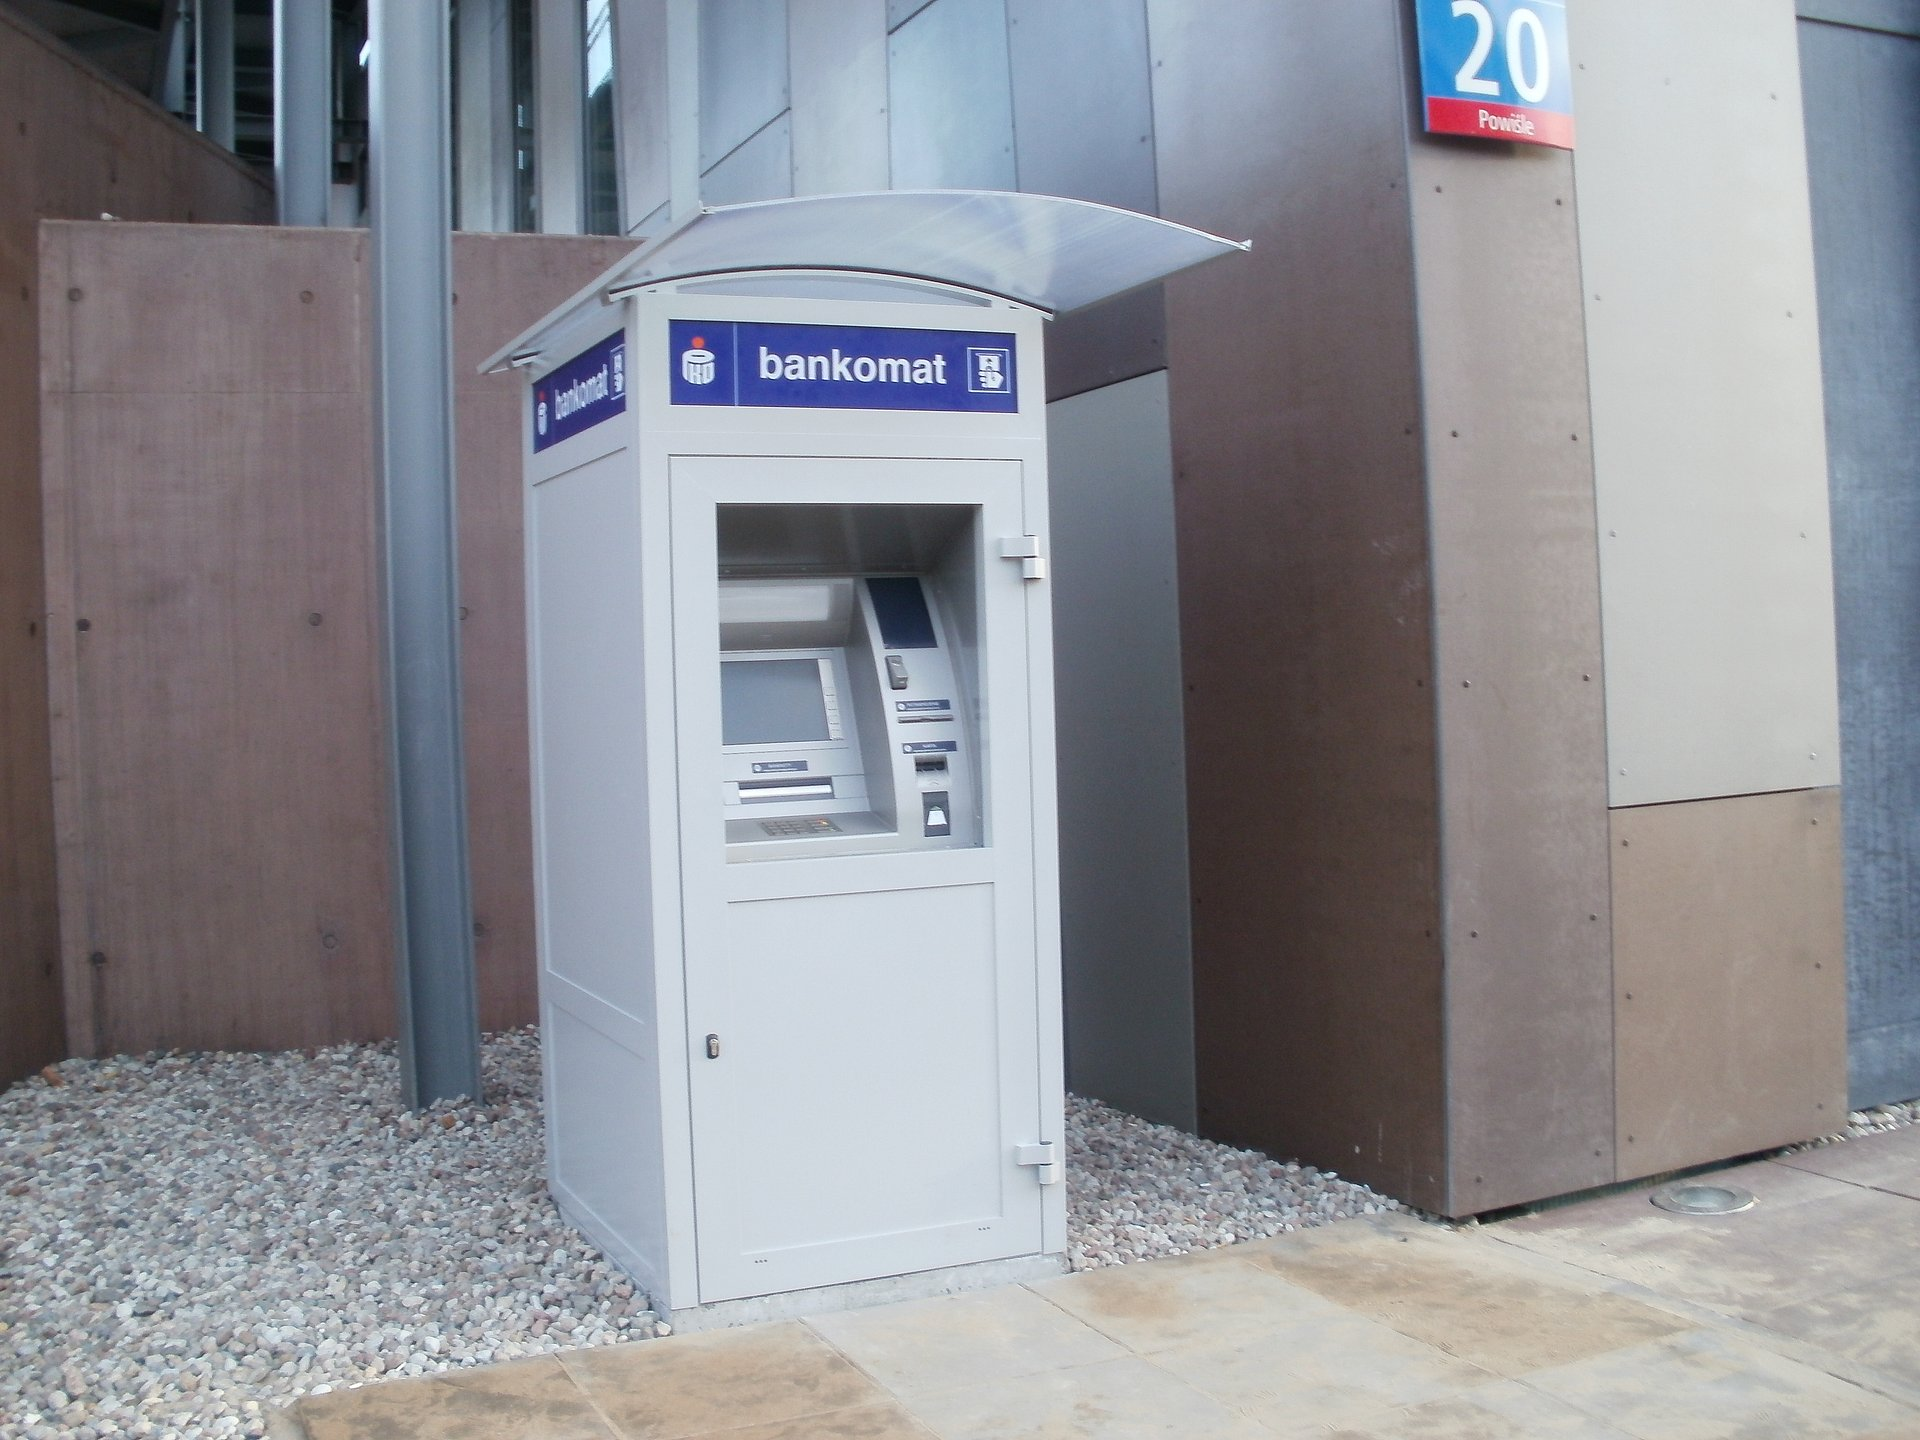 Nowe bankomaty dla niewidomych i słabowidzących w sieci PKO Banku Polskiego